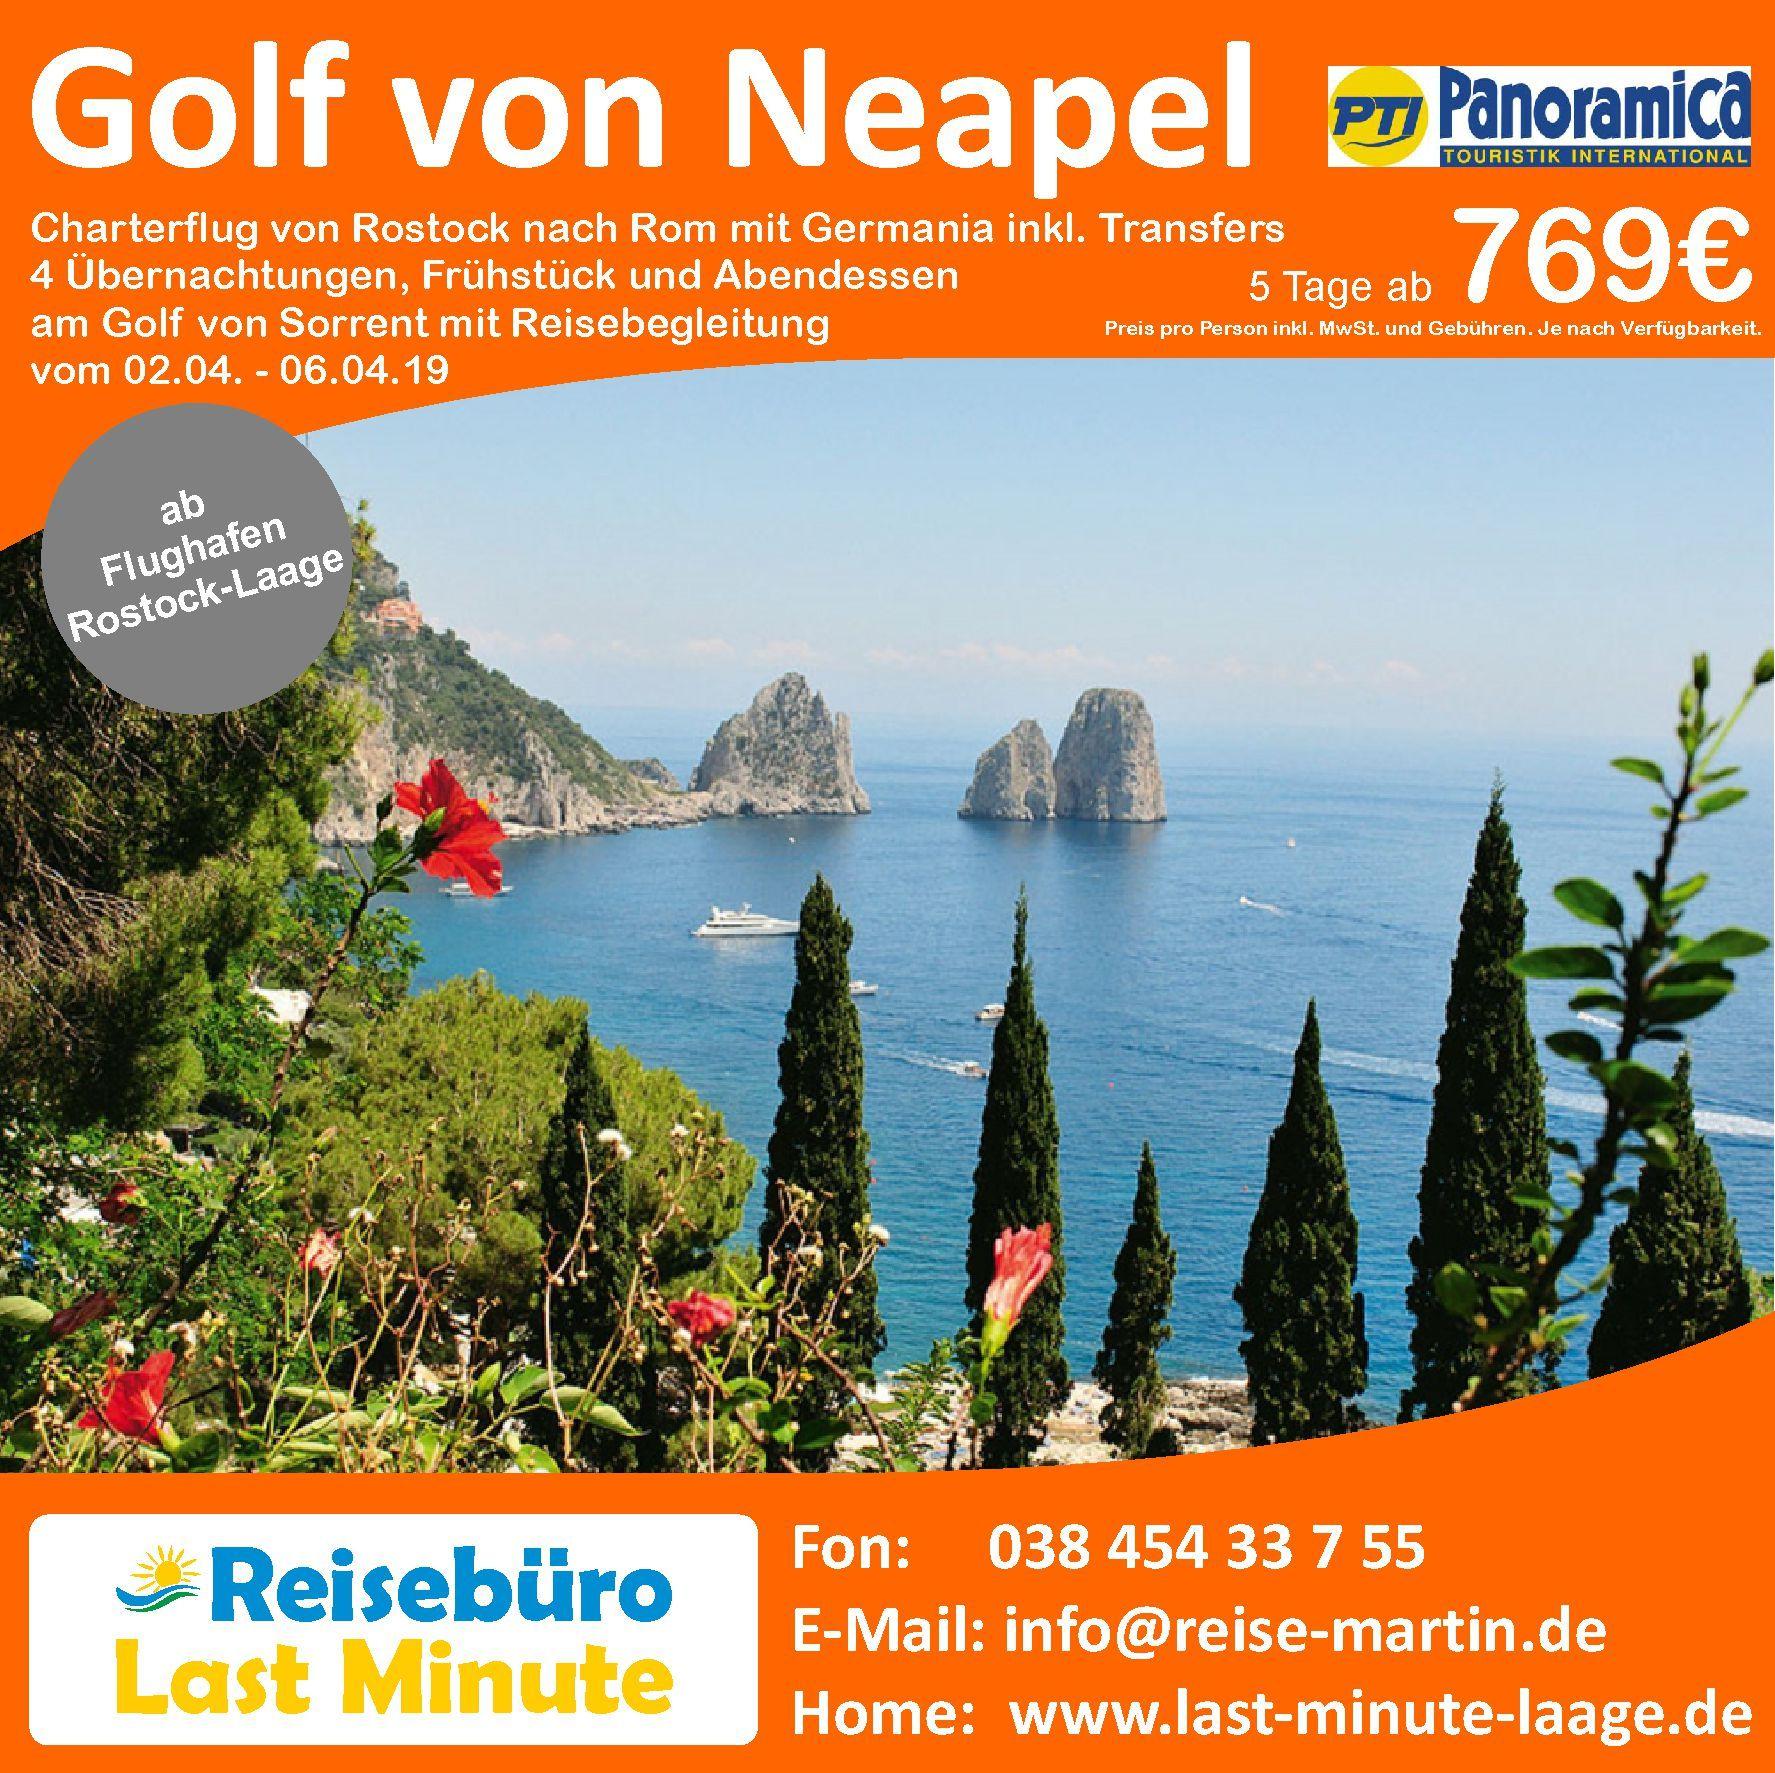 Golf von Neapel ab Flughafen RostockLaage. Jetzt günstig